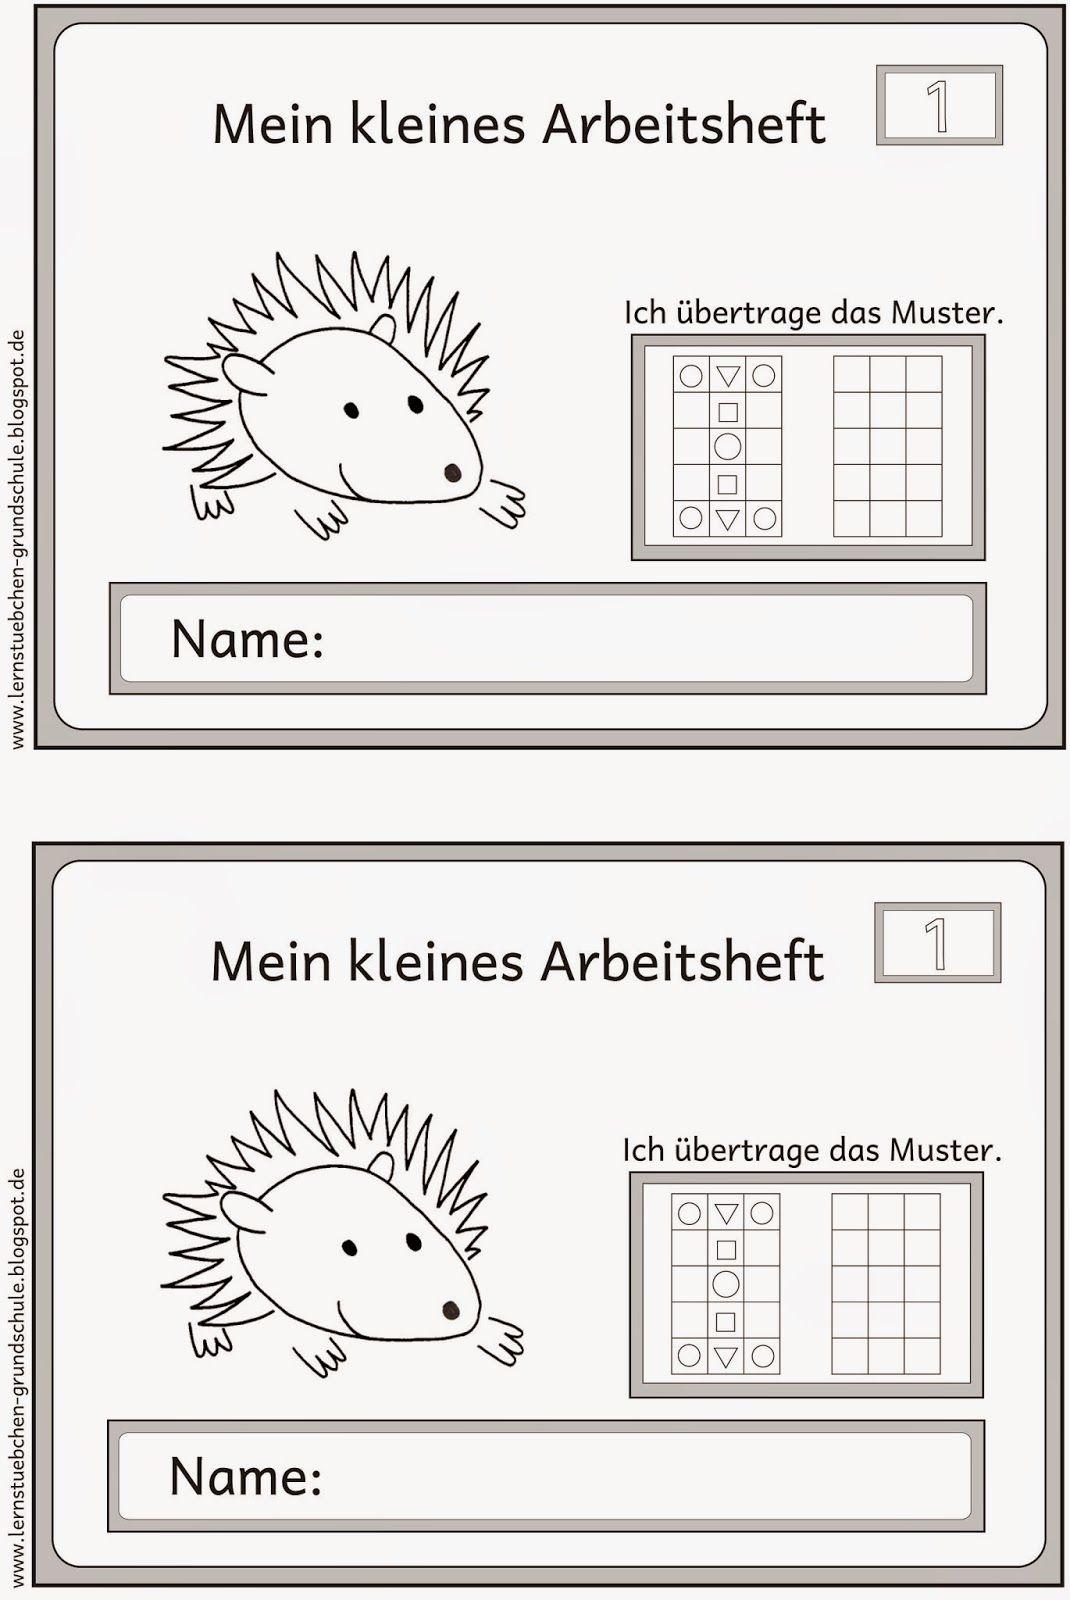 Muster übertragen (1) | Pinterest | Muster, Mathe und Schule